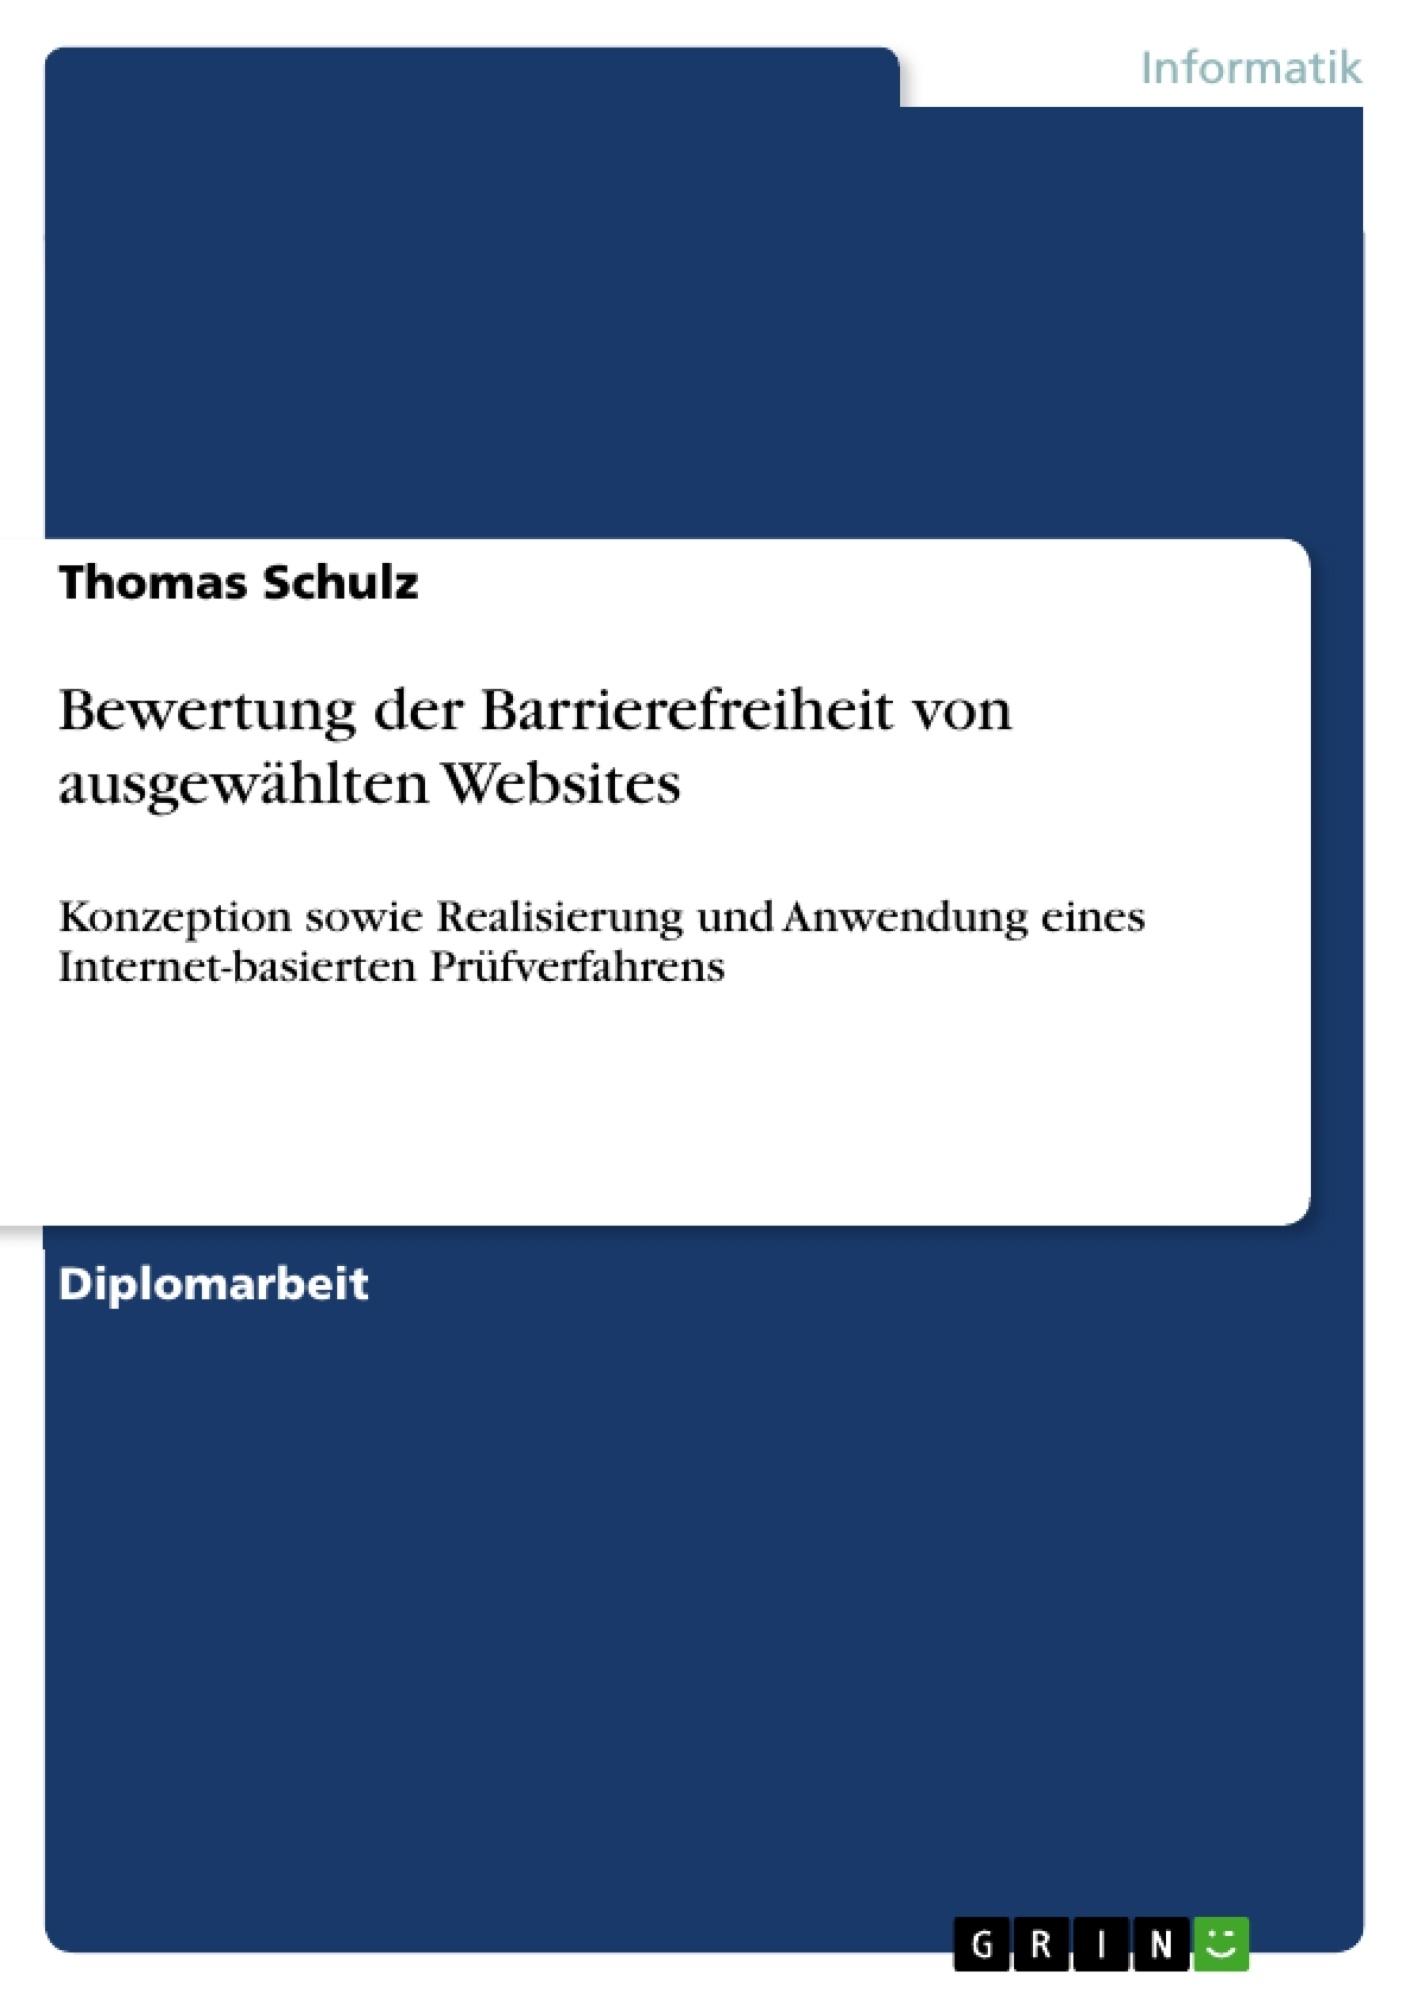 Titel: Bewertung der Barrierefreiheit von ausgewählten Websites